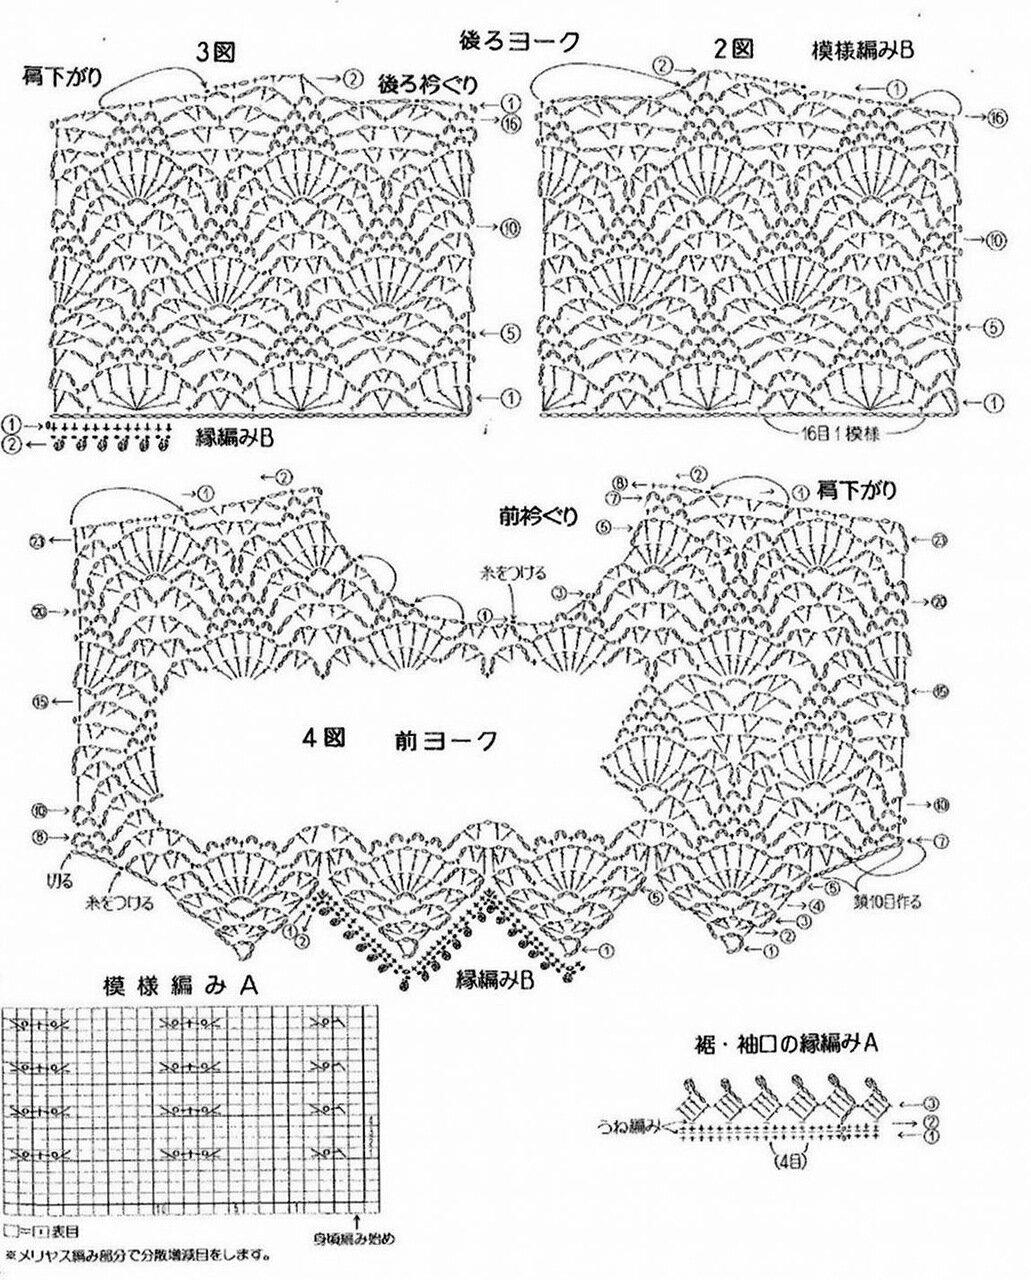 钩织结合——菠萝花开 - slzhaoln - 织春草的博客